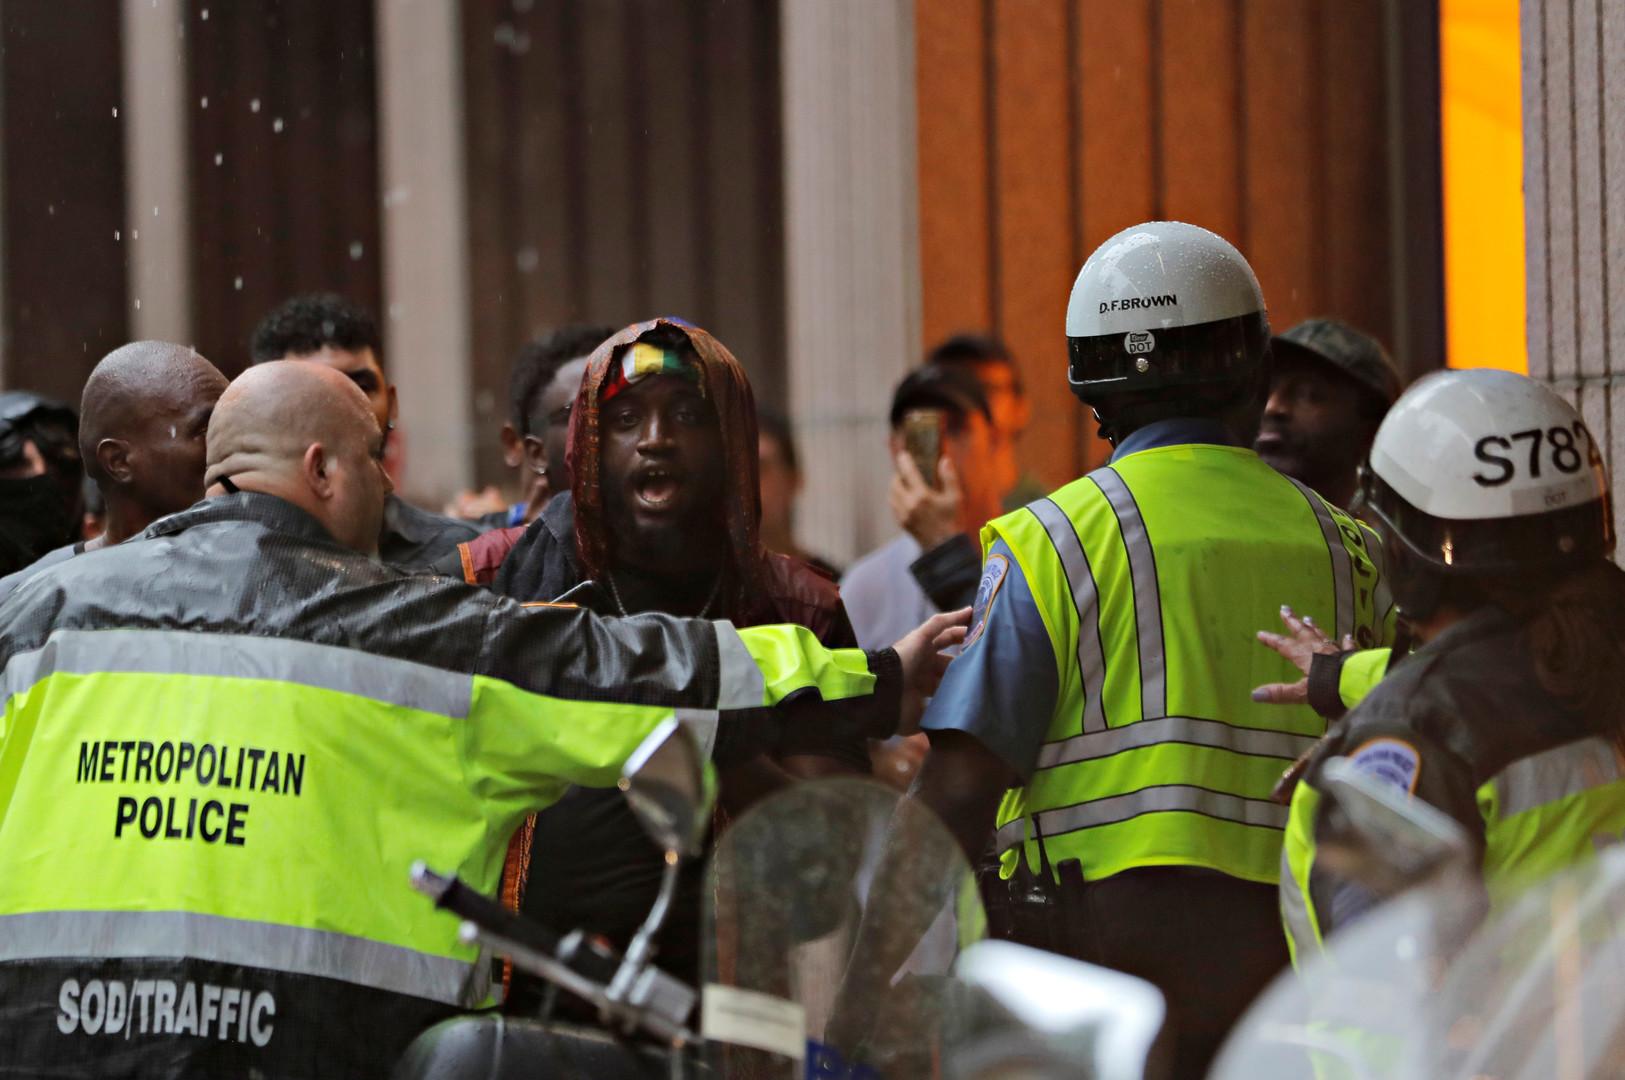 Polizisten drängen Gegendemonstranten zurück, Washington, U.S., August 12, 2018.